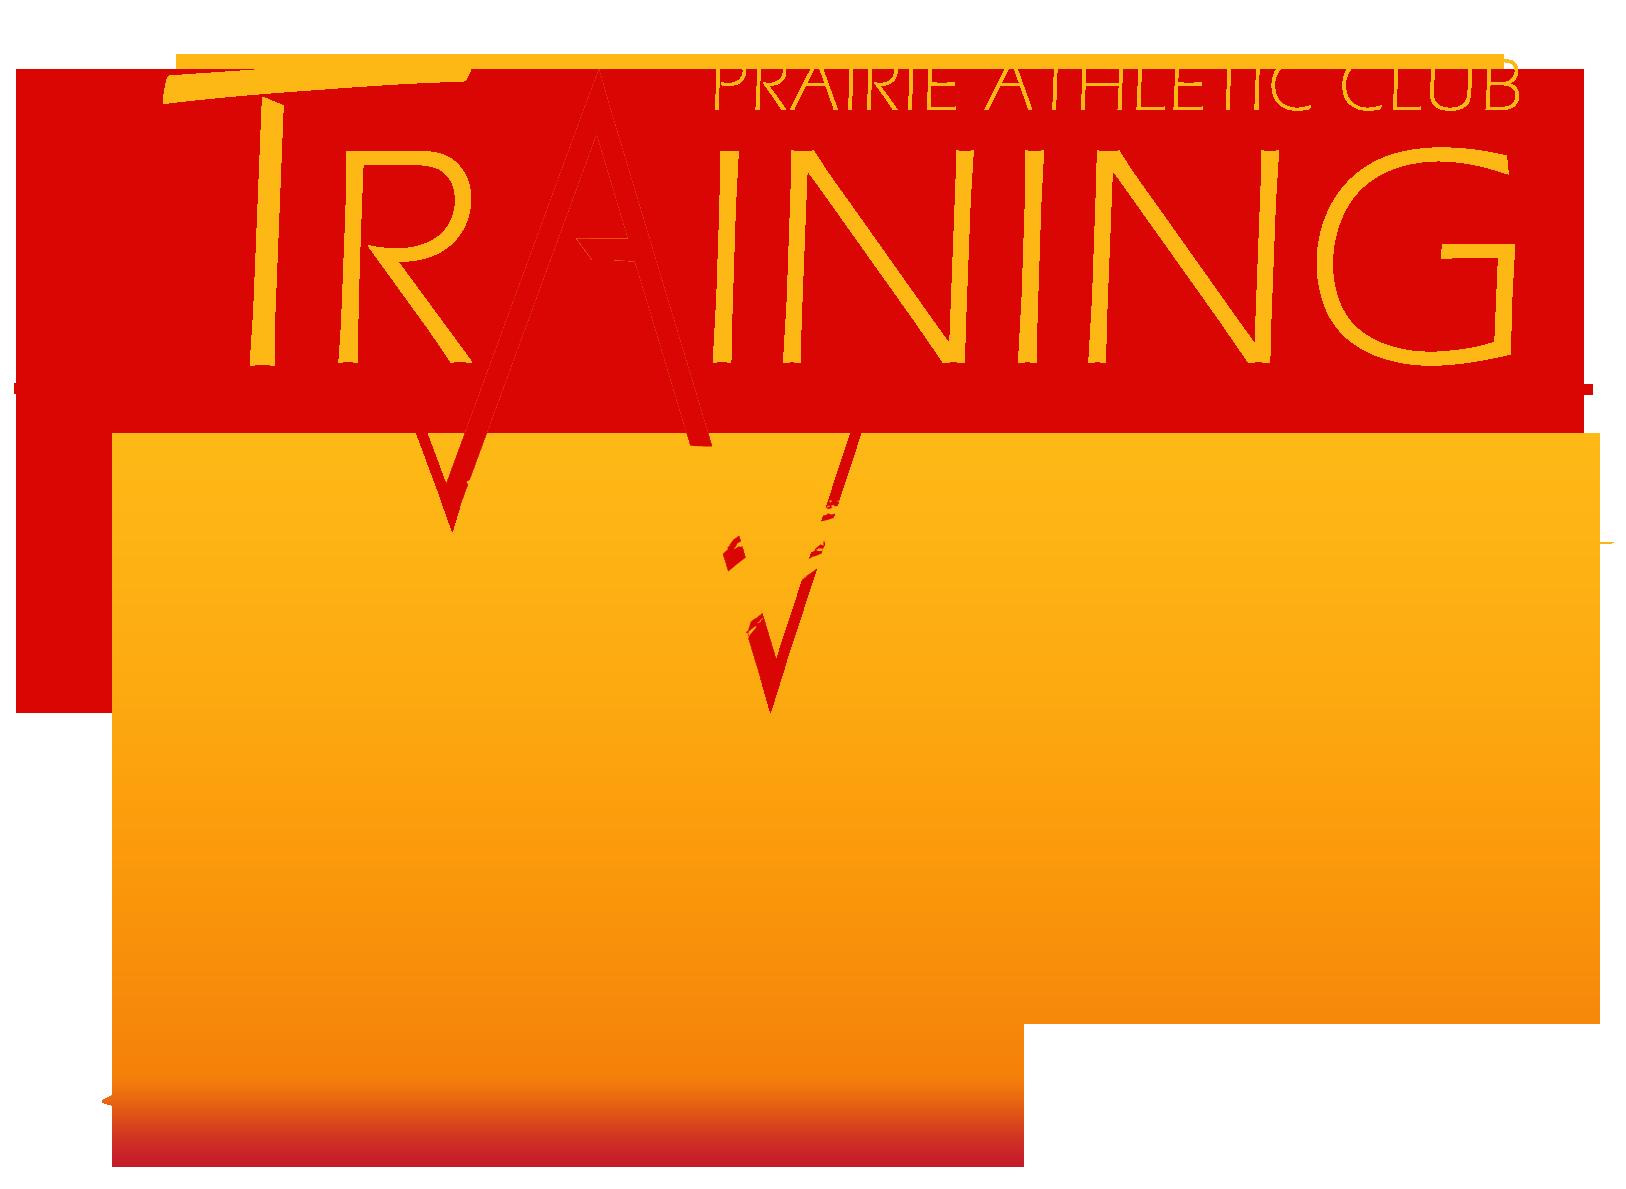 Training-Zone-yellow-red